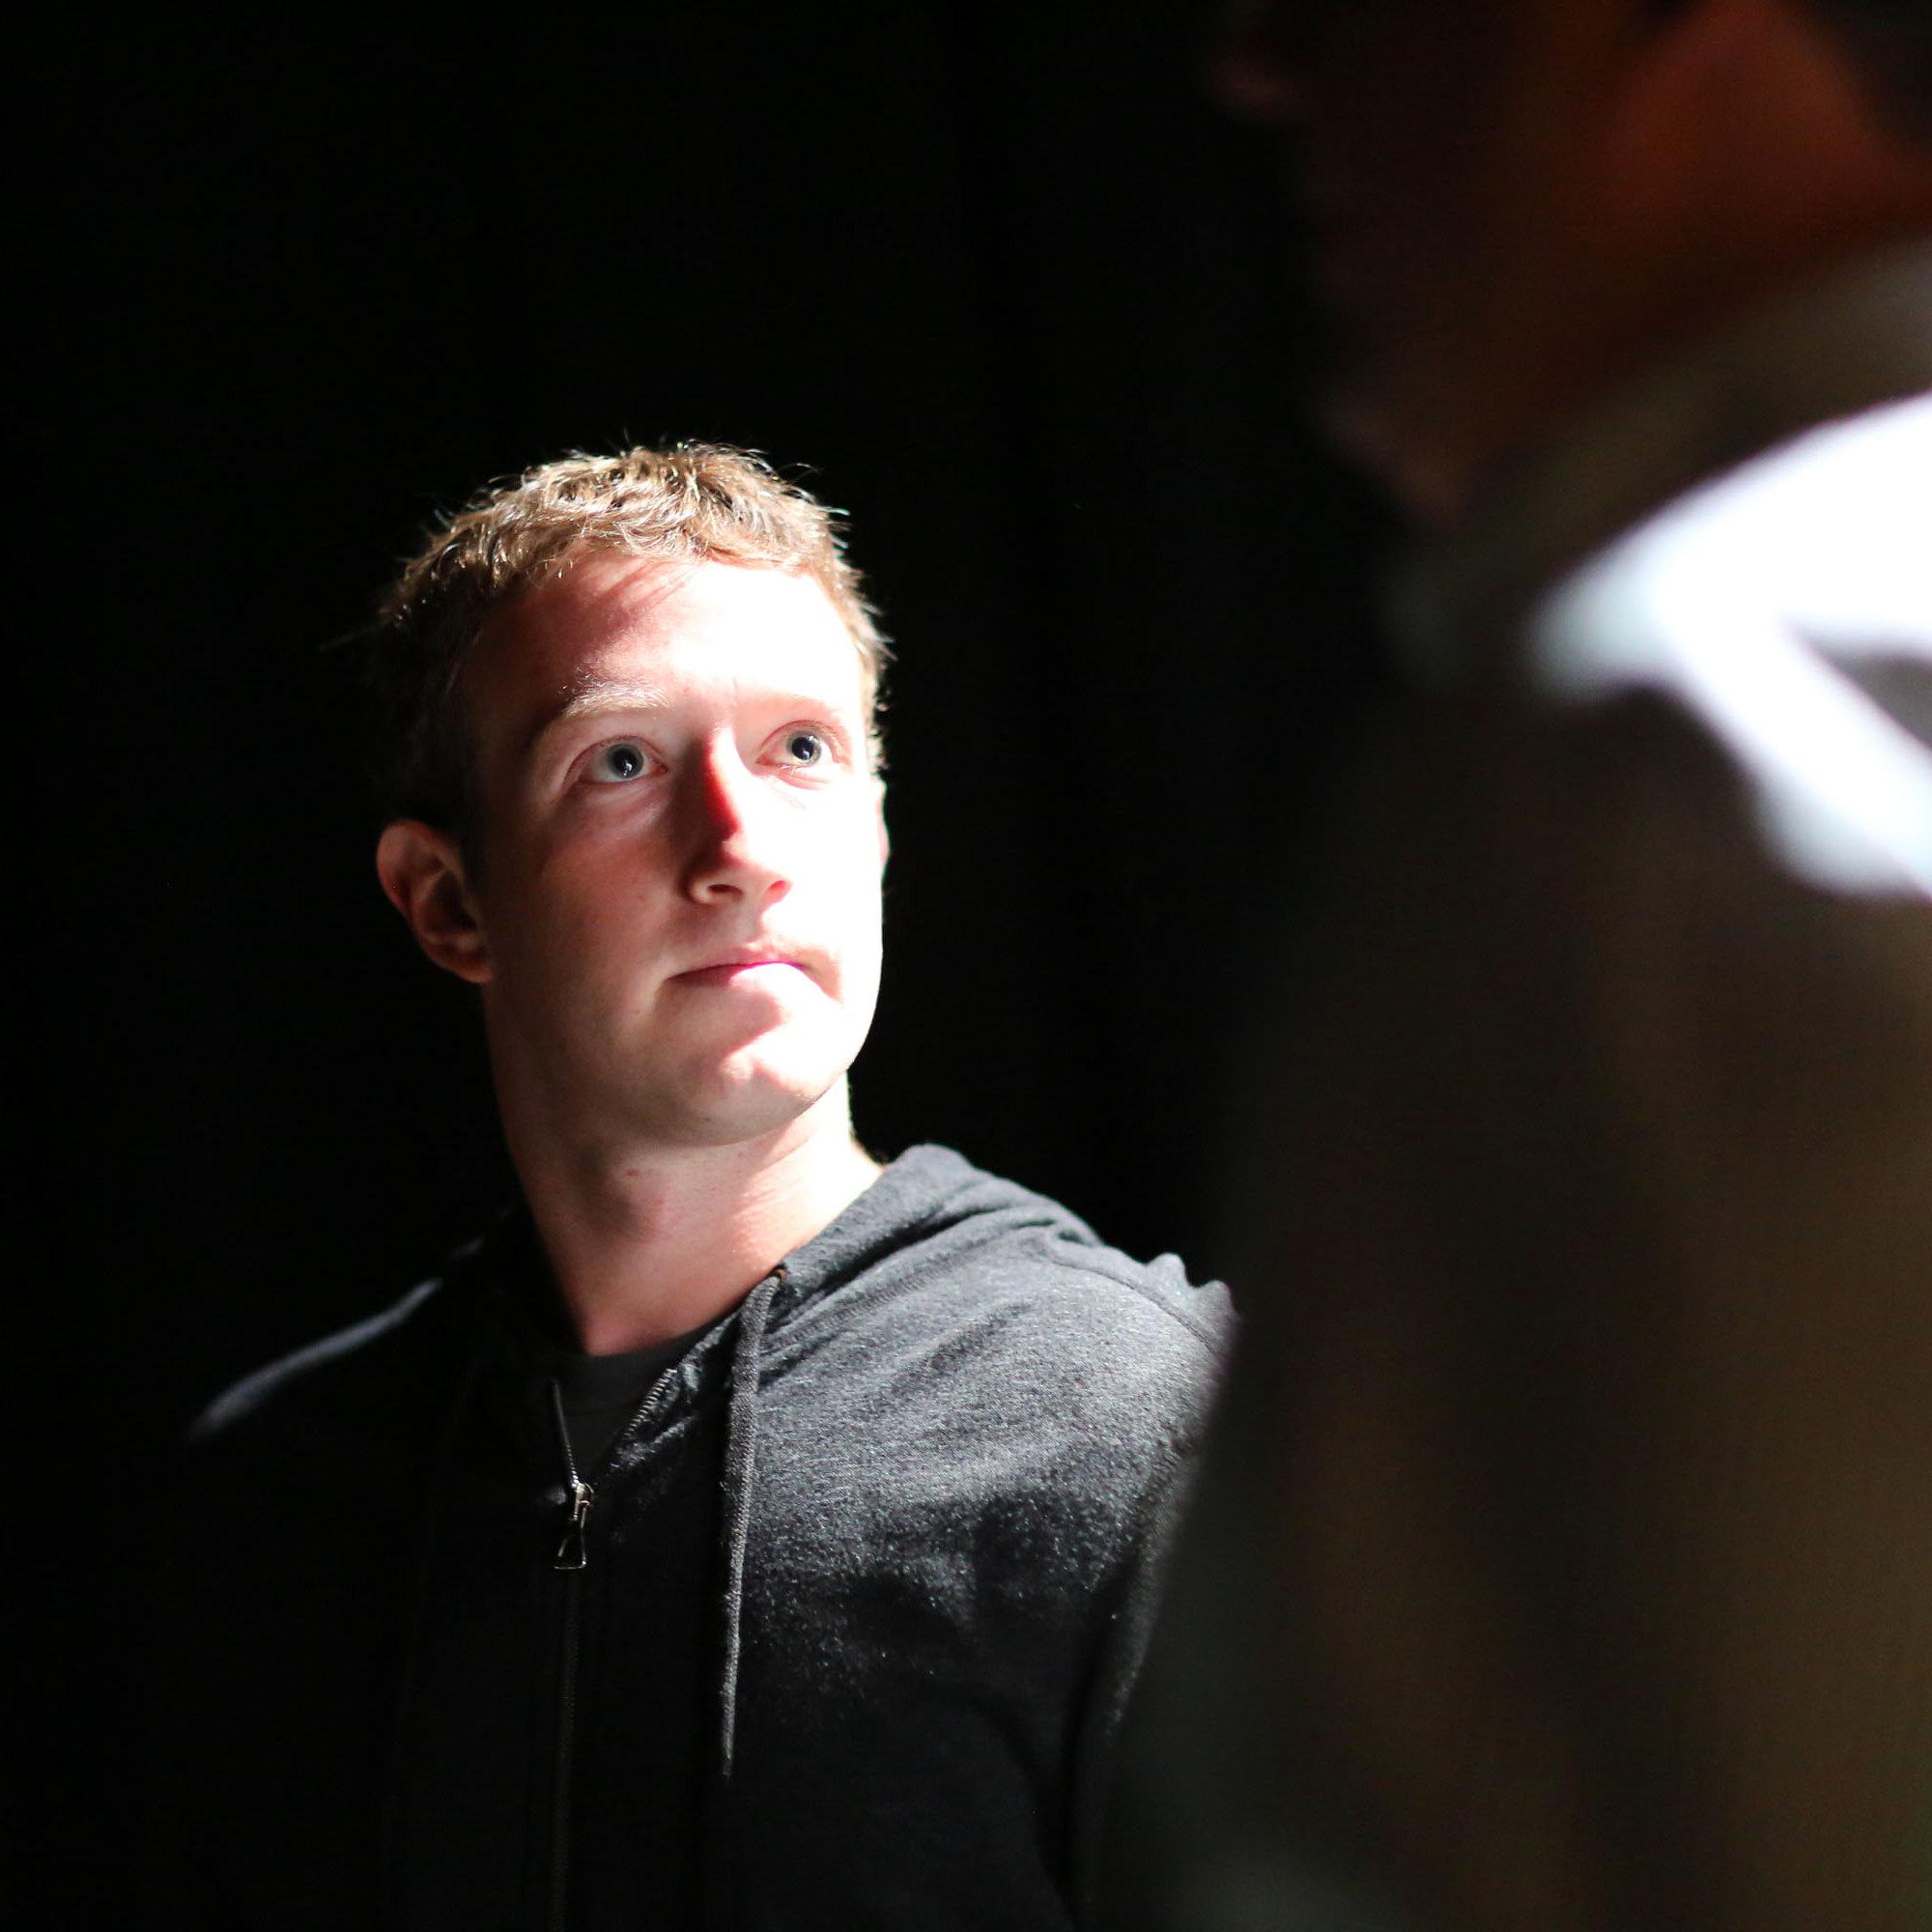 Przyszła kryska na… Zuckerberga. W bazie, która wyciekła znajduje się m.in. numer telefonu szefa Facebooka